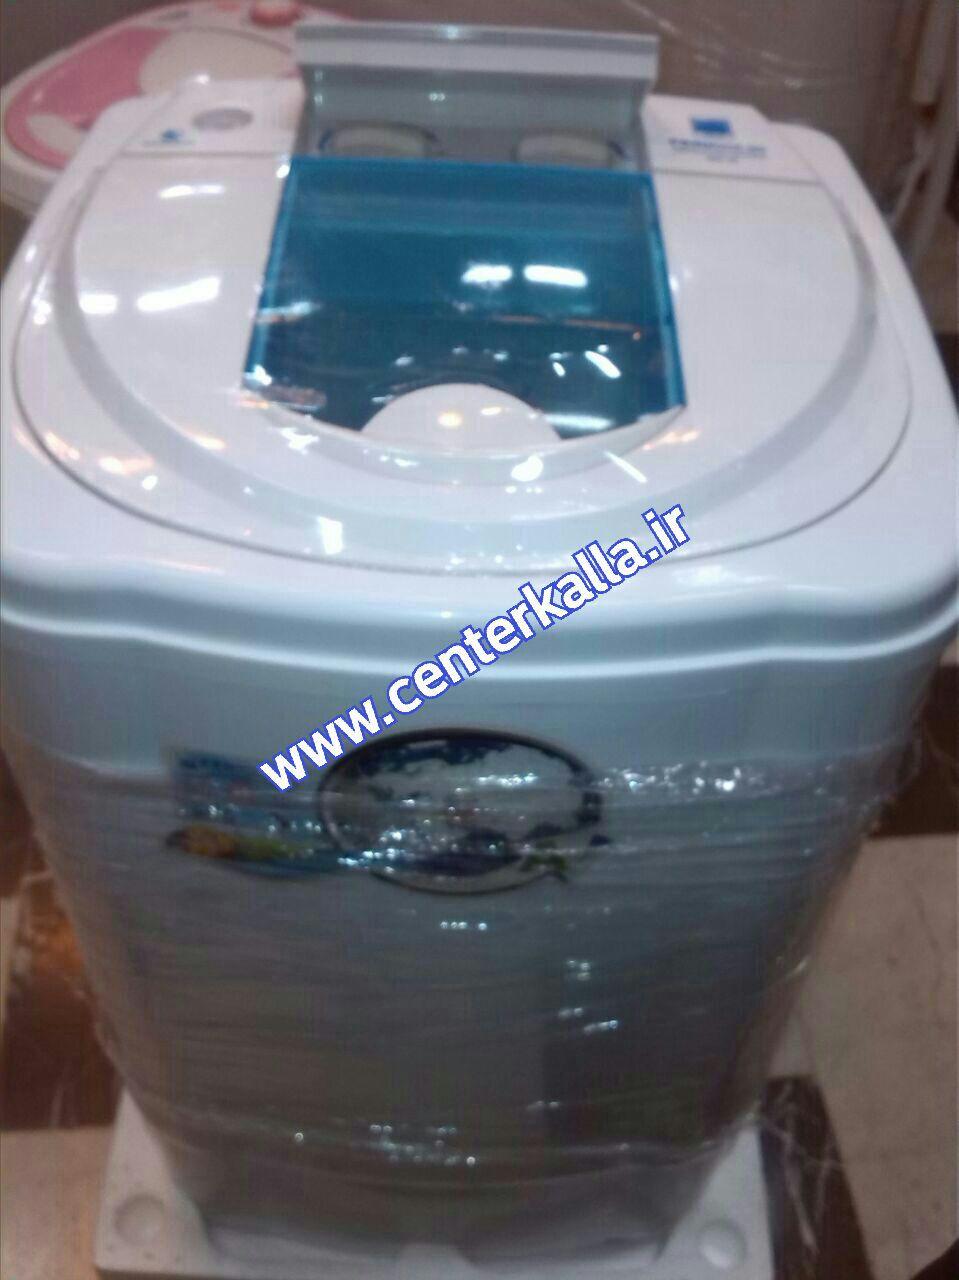 ماشین لباسشویی مینی واش فریدولین feridolin ظرفیت 3/5 کیلویی با سبد خشکن